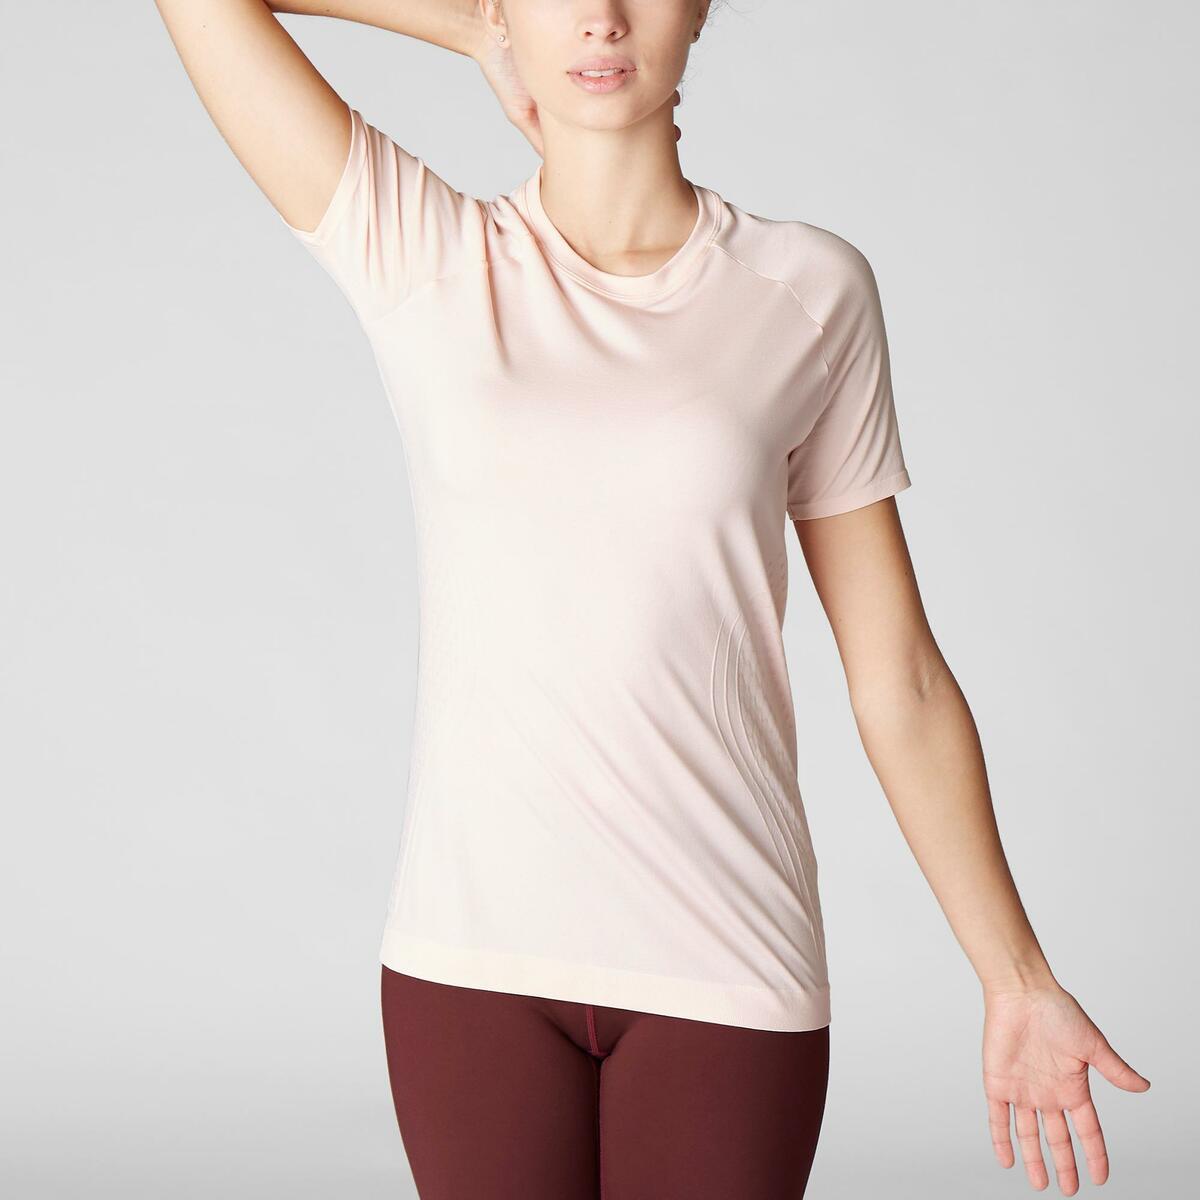 Bild 2 von T-Shirt dynamisches Yoga nahtlos Damen rosa